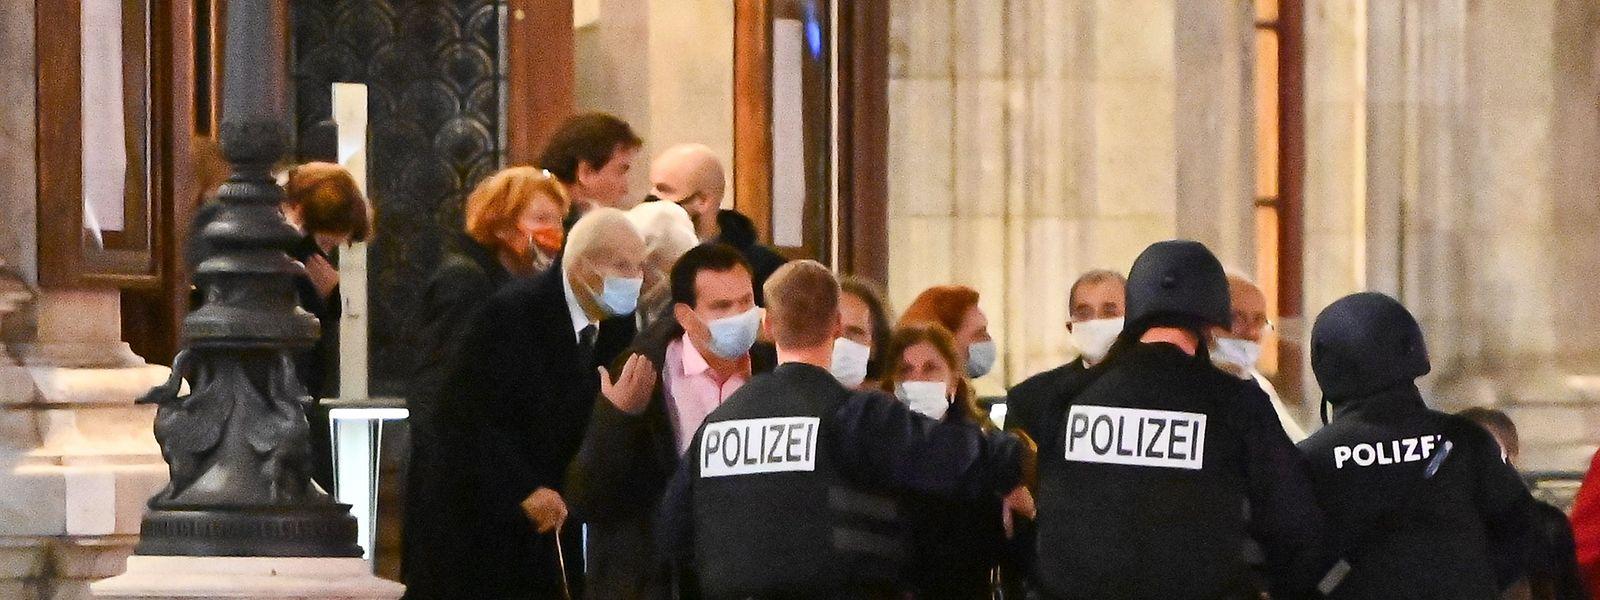 Die Polizei patrouilliert auch vor der Wiener Staatsoper.